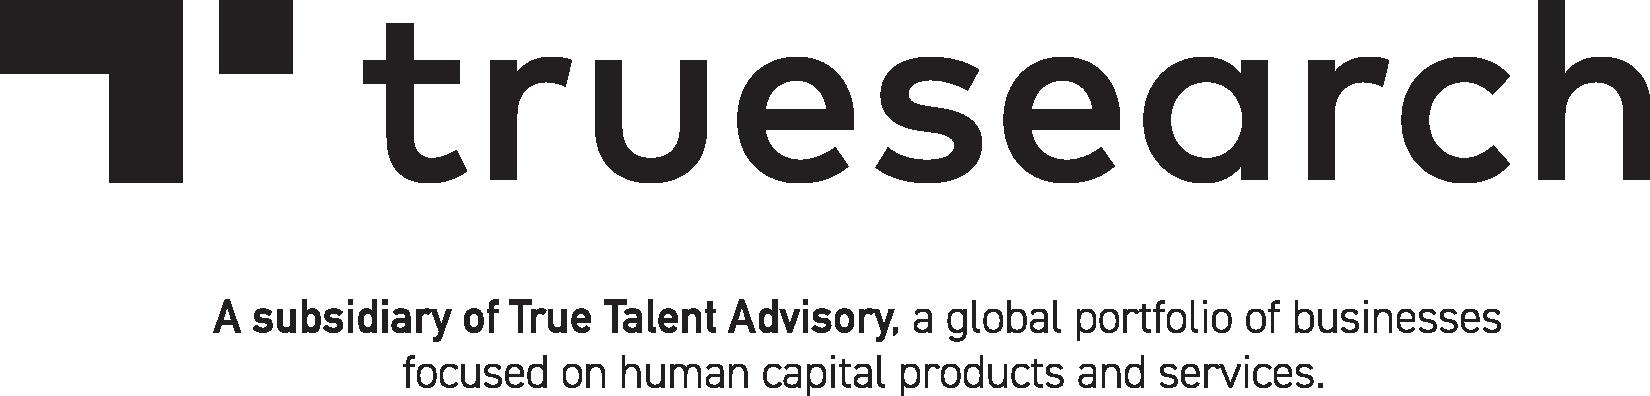 truesearch-logo